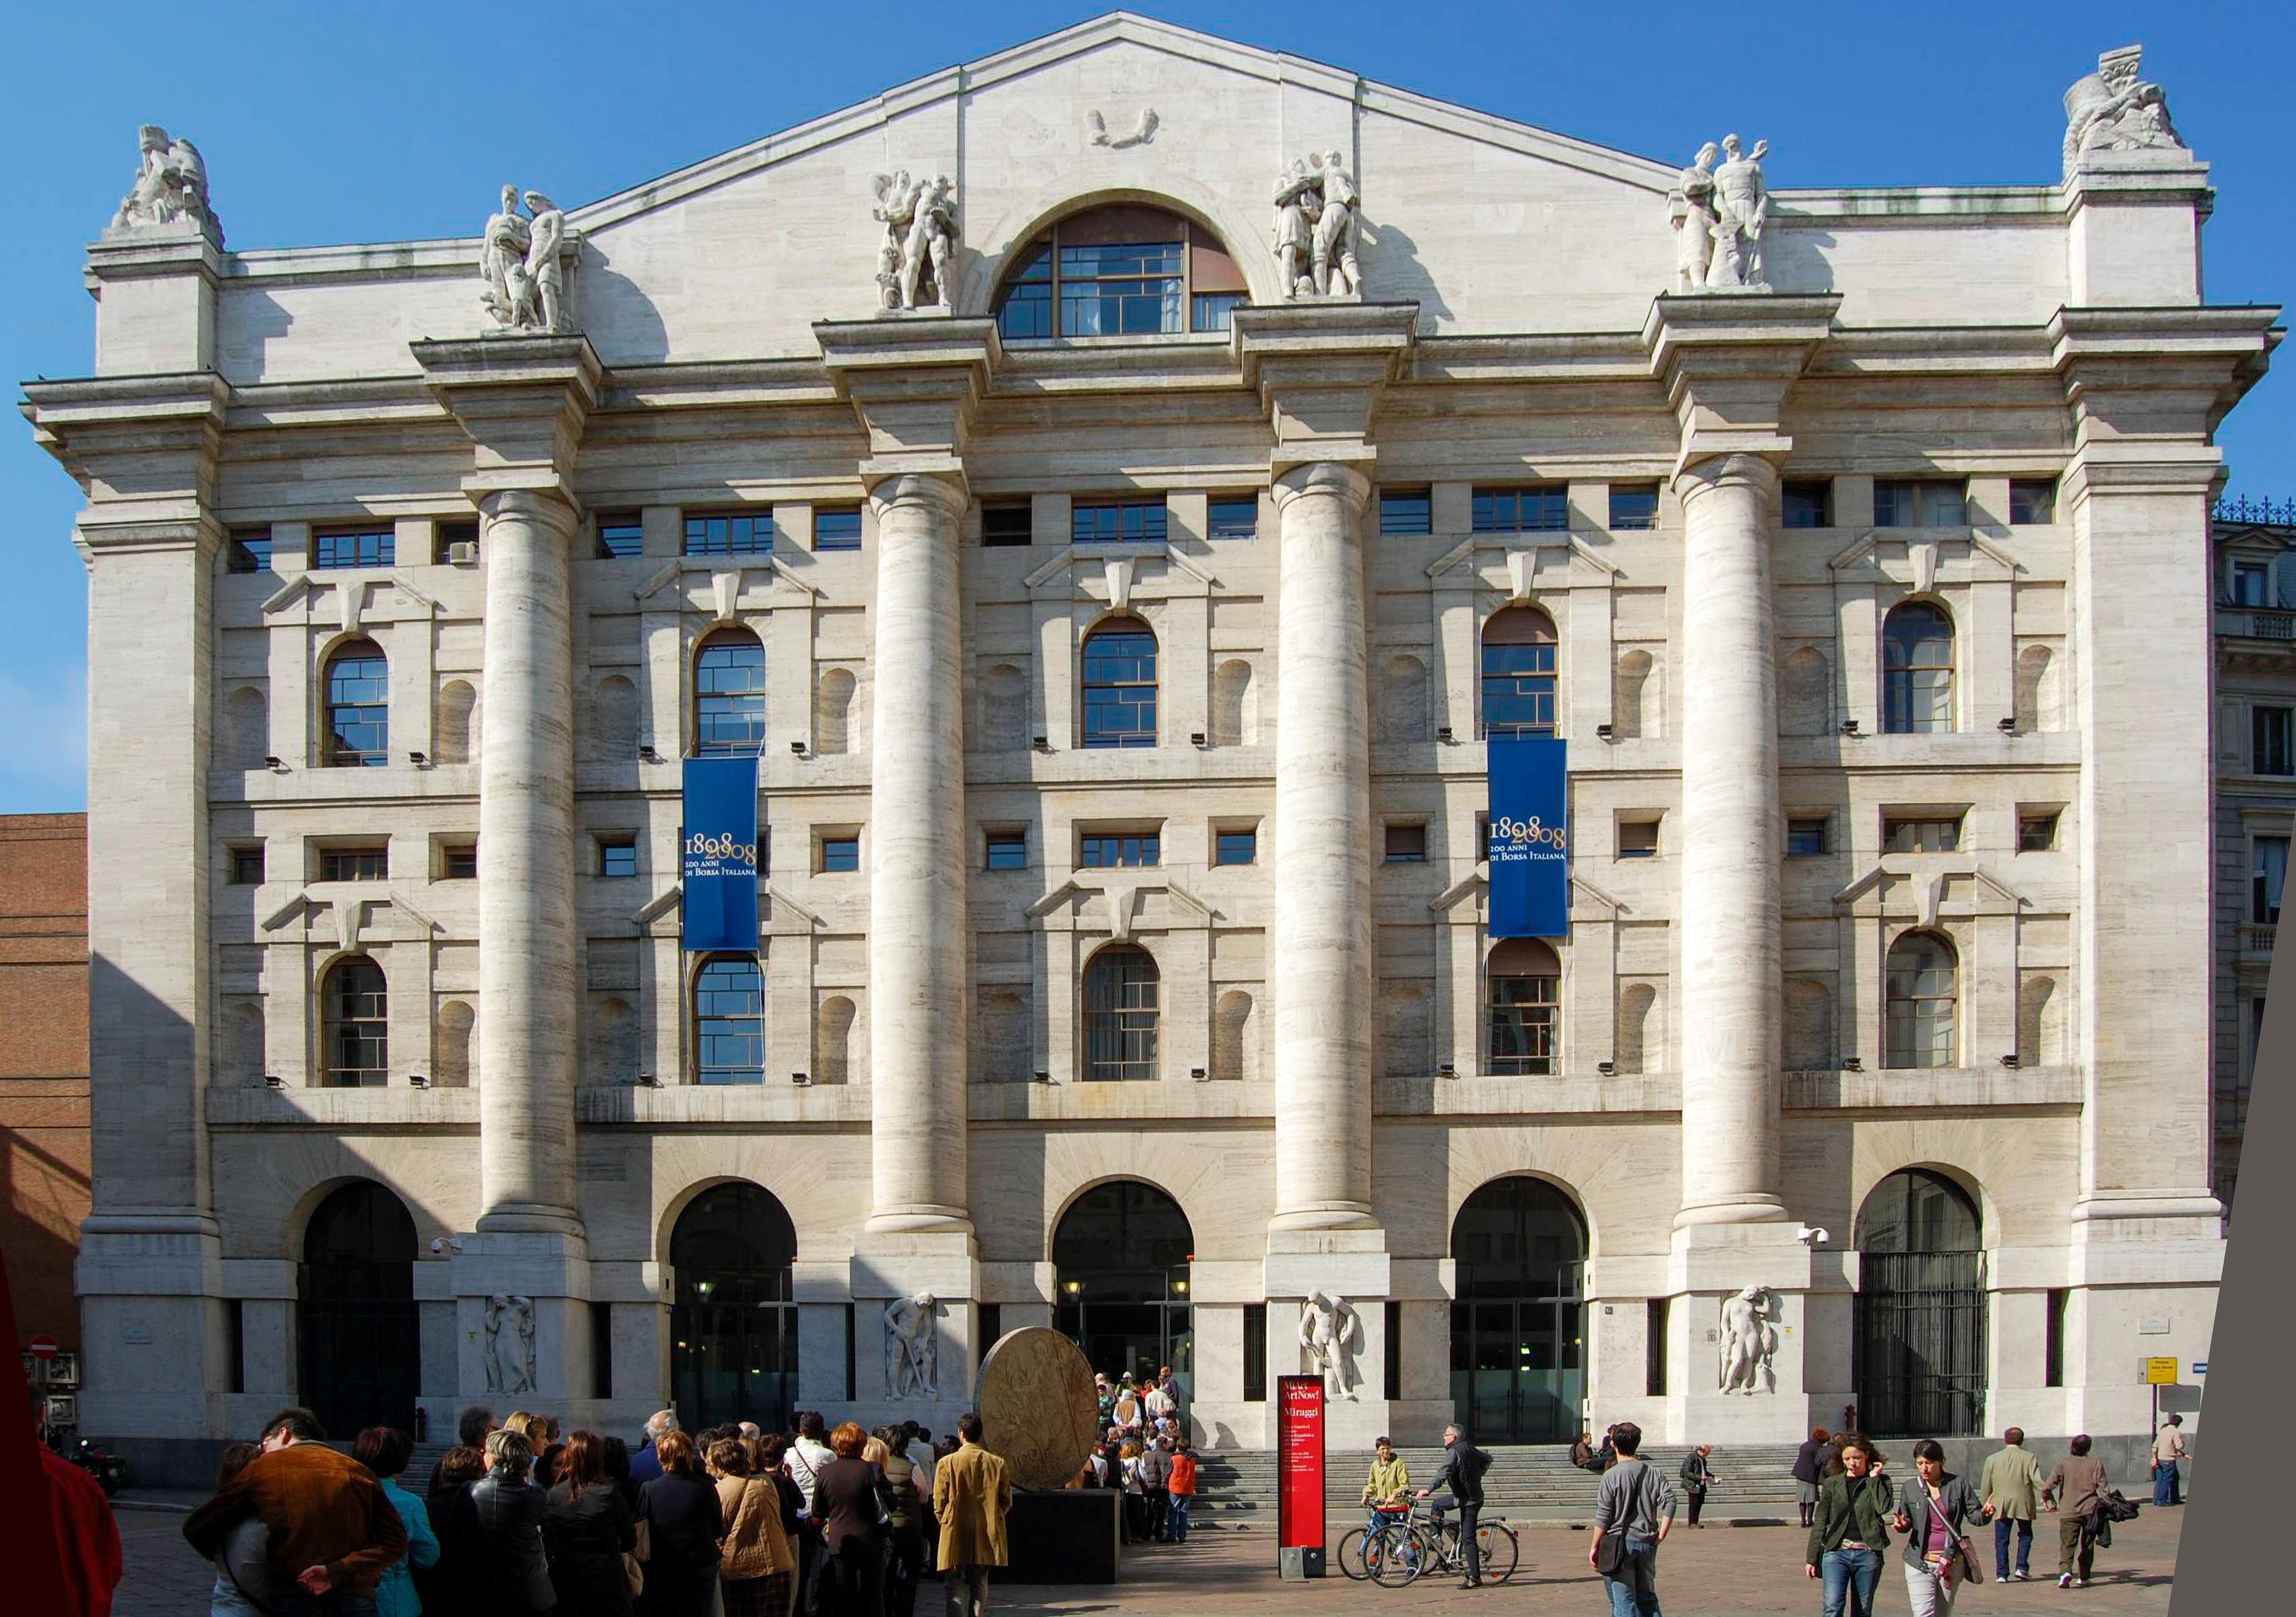 più recente meticolosi processi di tintura seleziona per autentico Borsa Italiana - Wikipedia